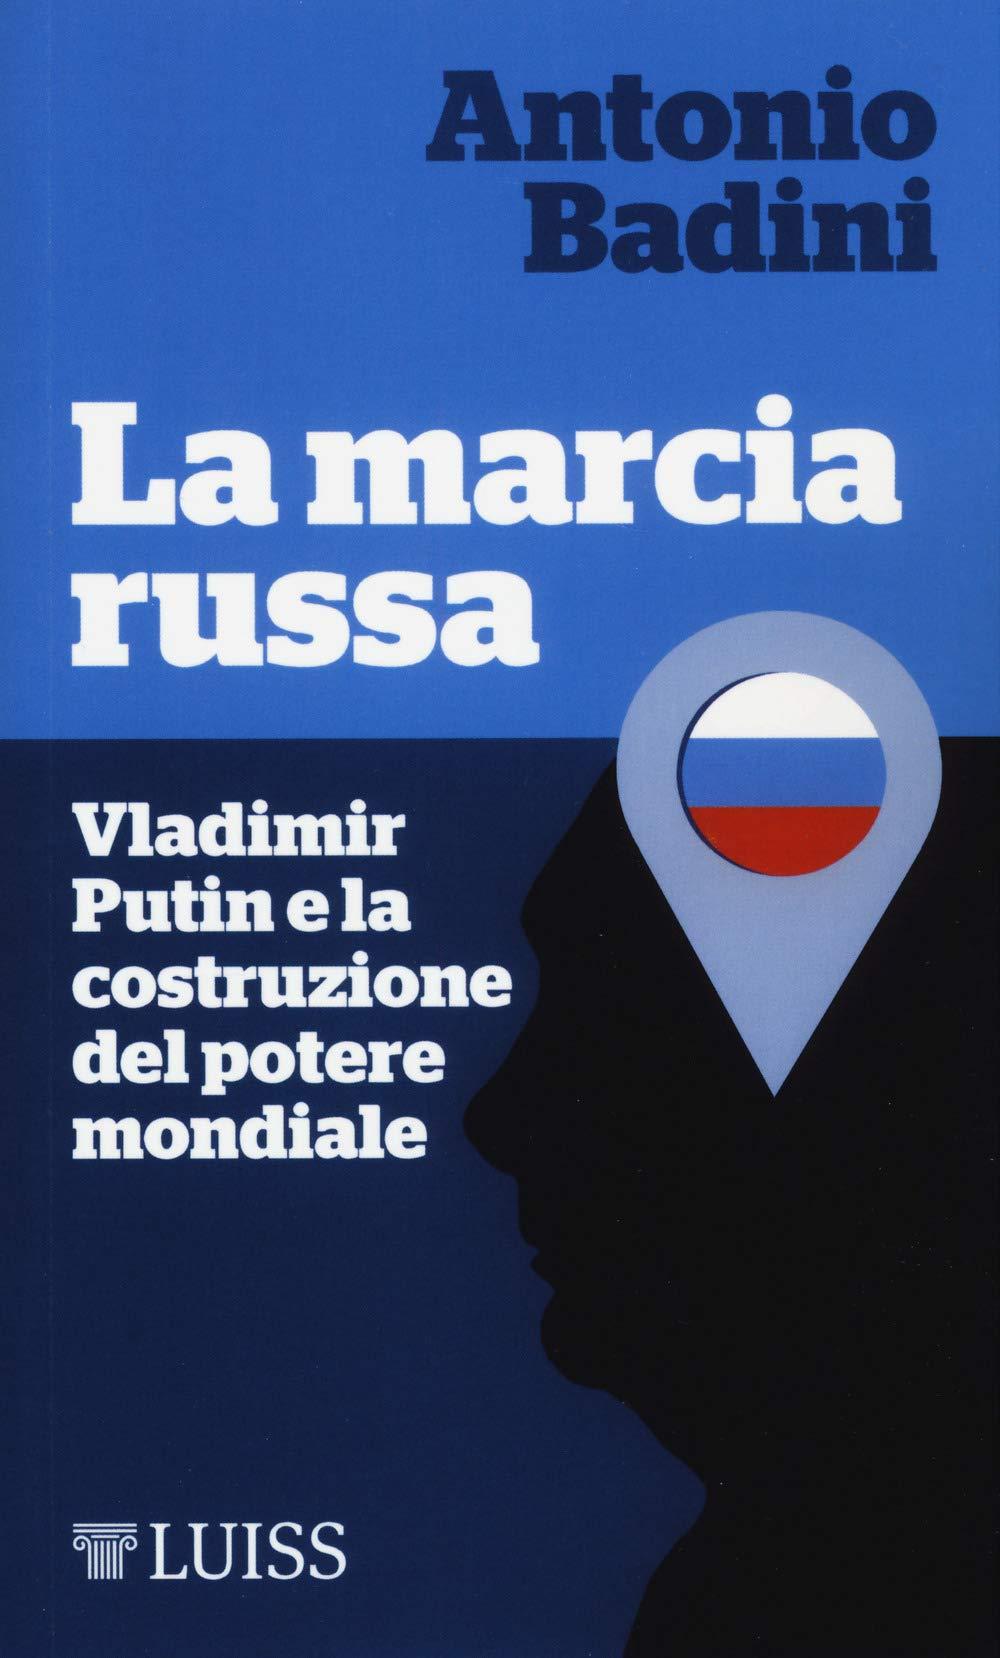 La marcia russa. Vladimir Putin e la costruzione del potere mondiale